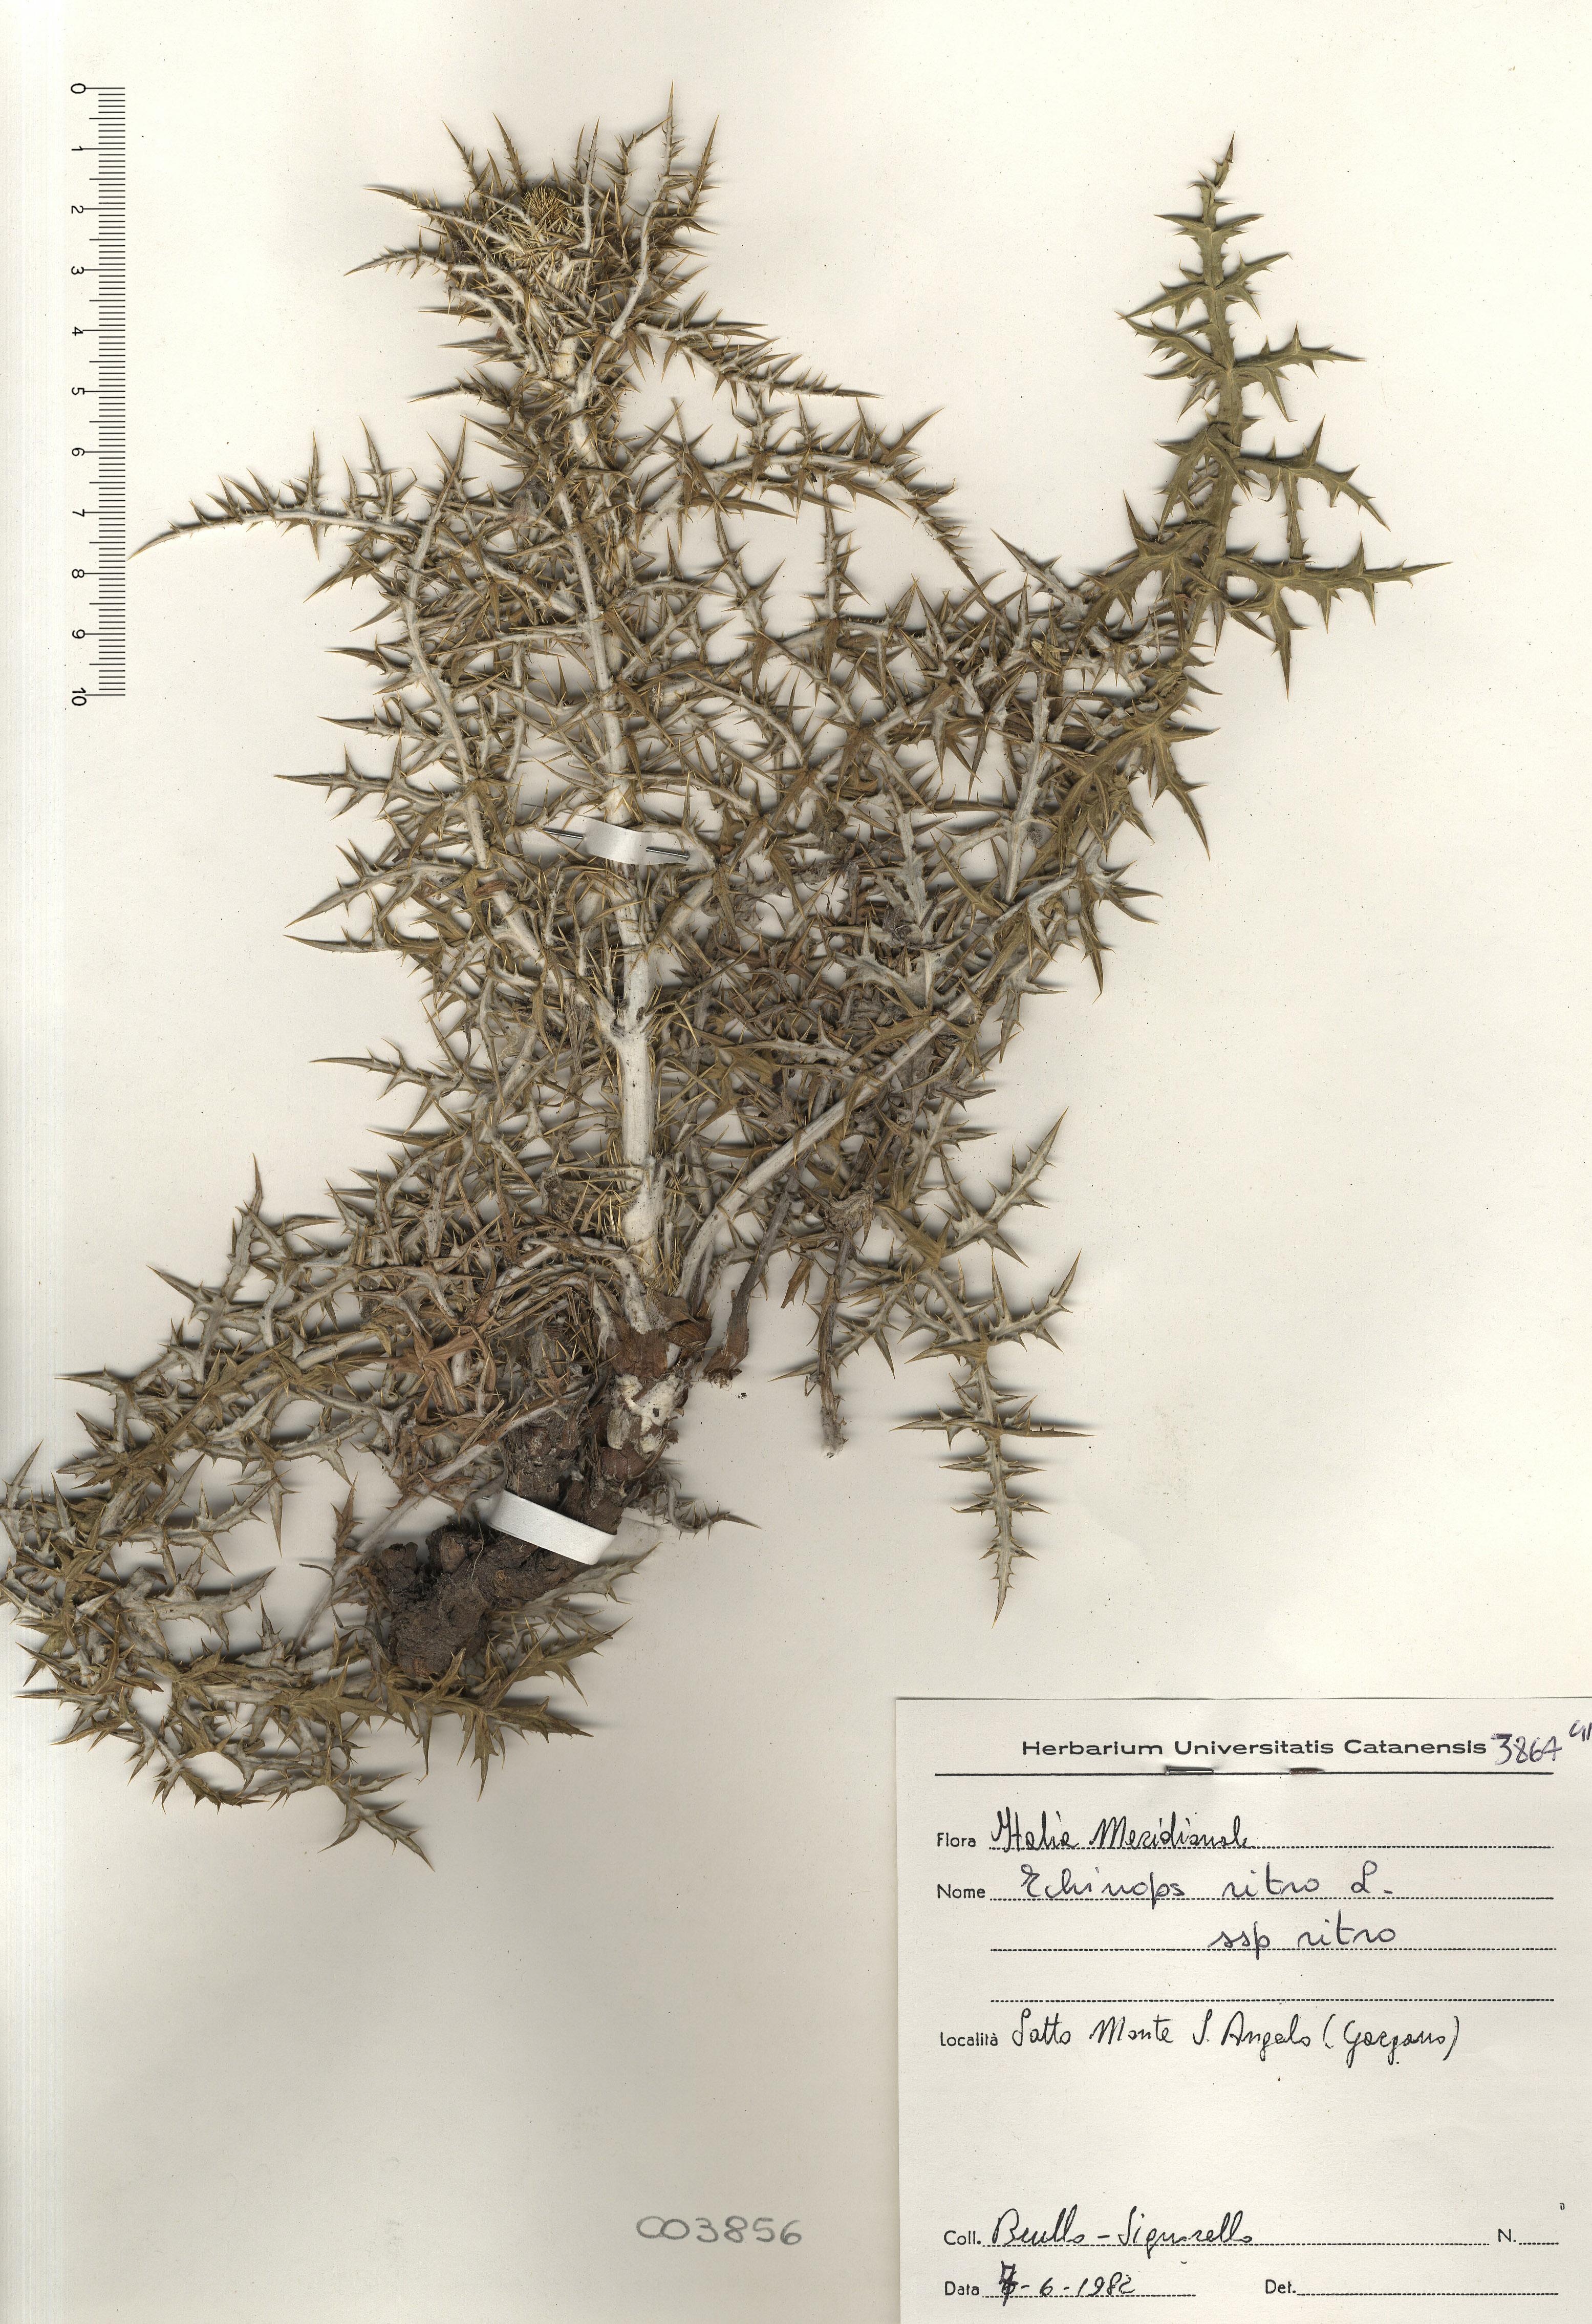 © Hortus Botanicus Catinensis - Herb. sheet 003856<br>